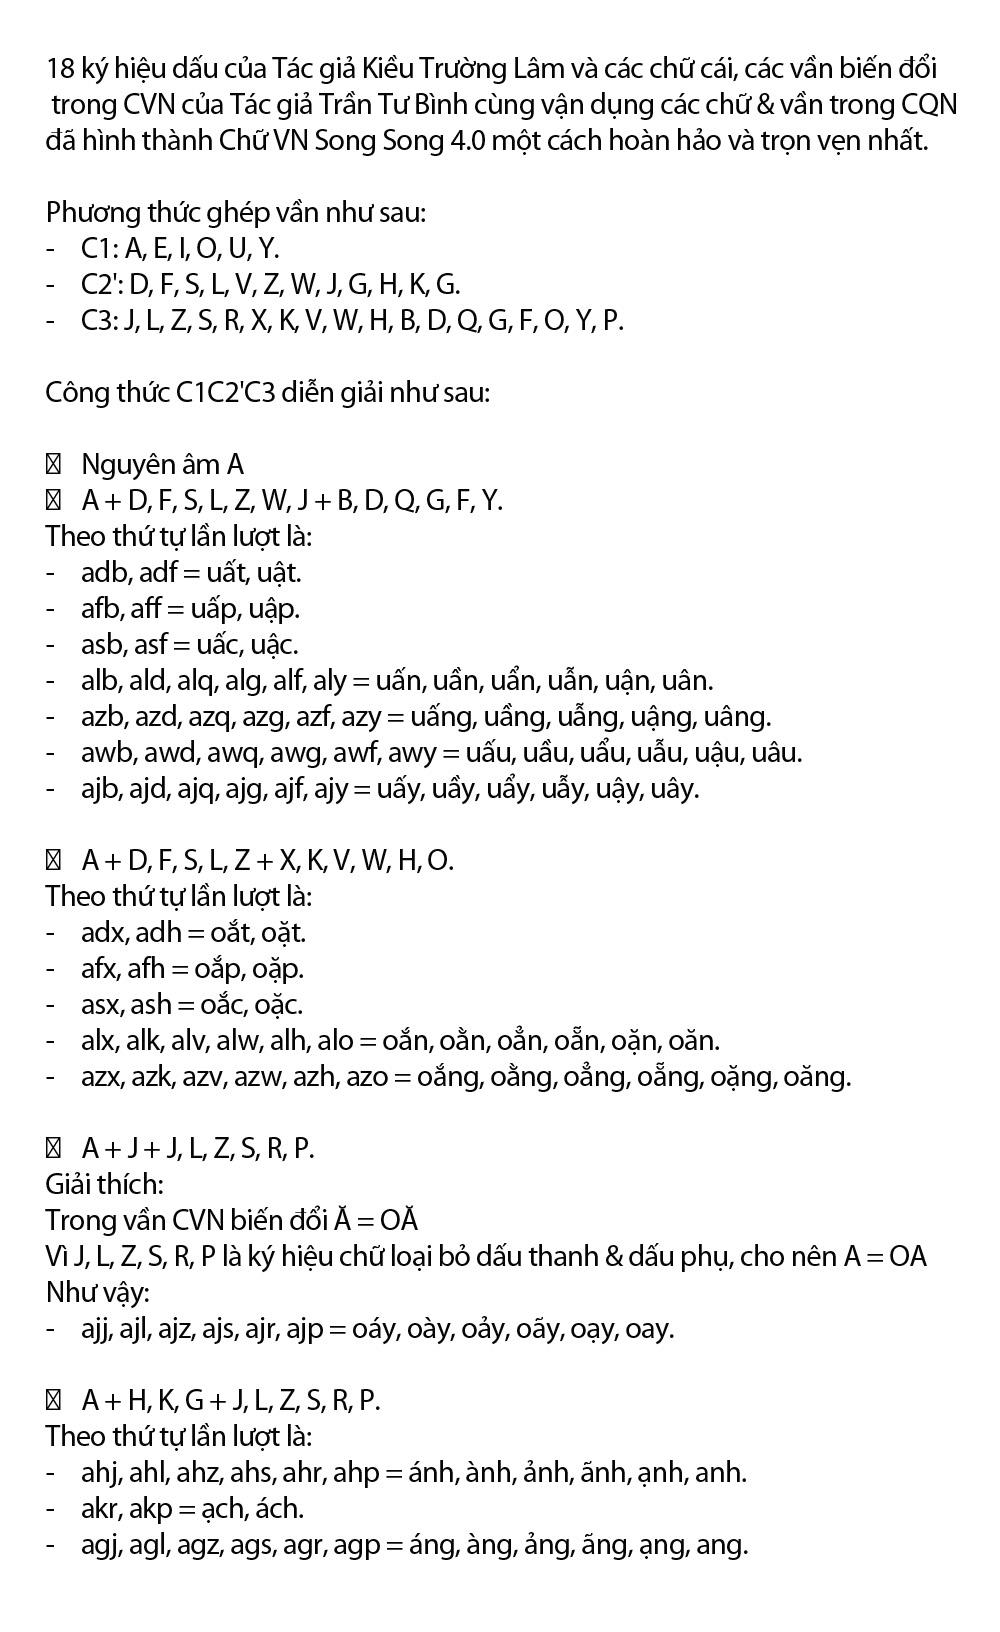 Công trình cải tiến chữ Quốc ngữ chính thức được cấp bản quyền, tác giả hy vọng chữ mới sẽ được dùng phổ biến - Ảnh 11.